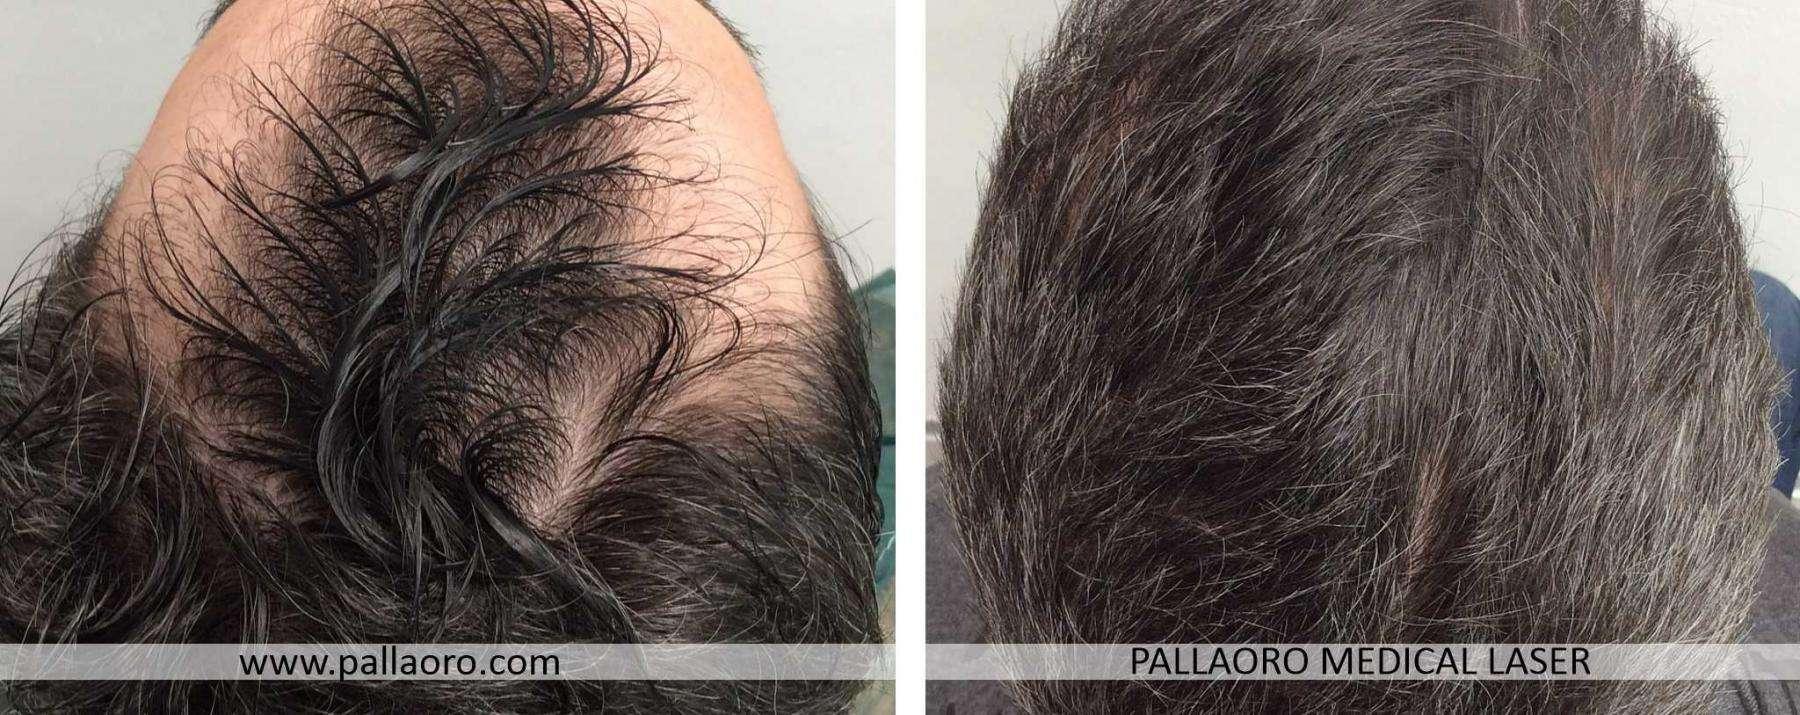 trapianto capelli 2021 04 c